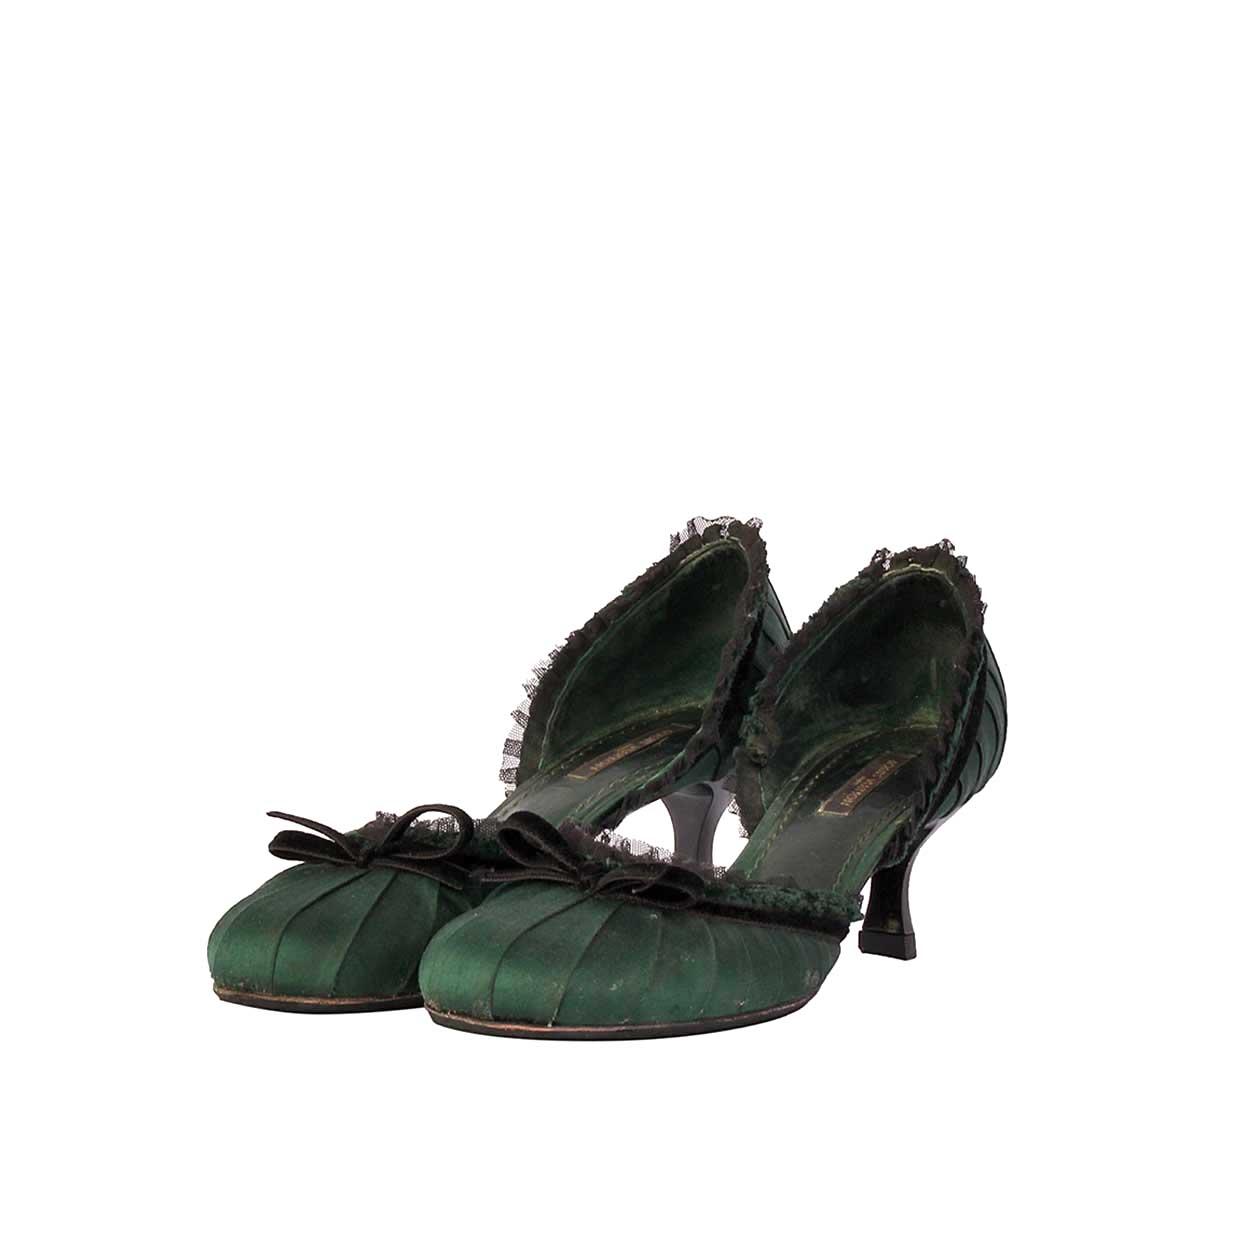 louis vuitton designer shoes. louis vuitton satin kitten heels green \u2013 s: 35.5 (3) louis vuitton designer shoes